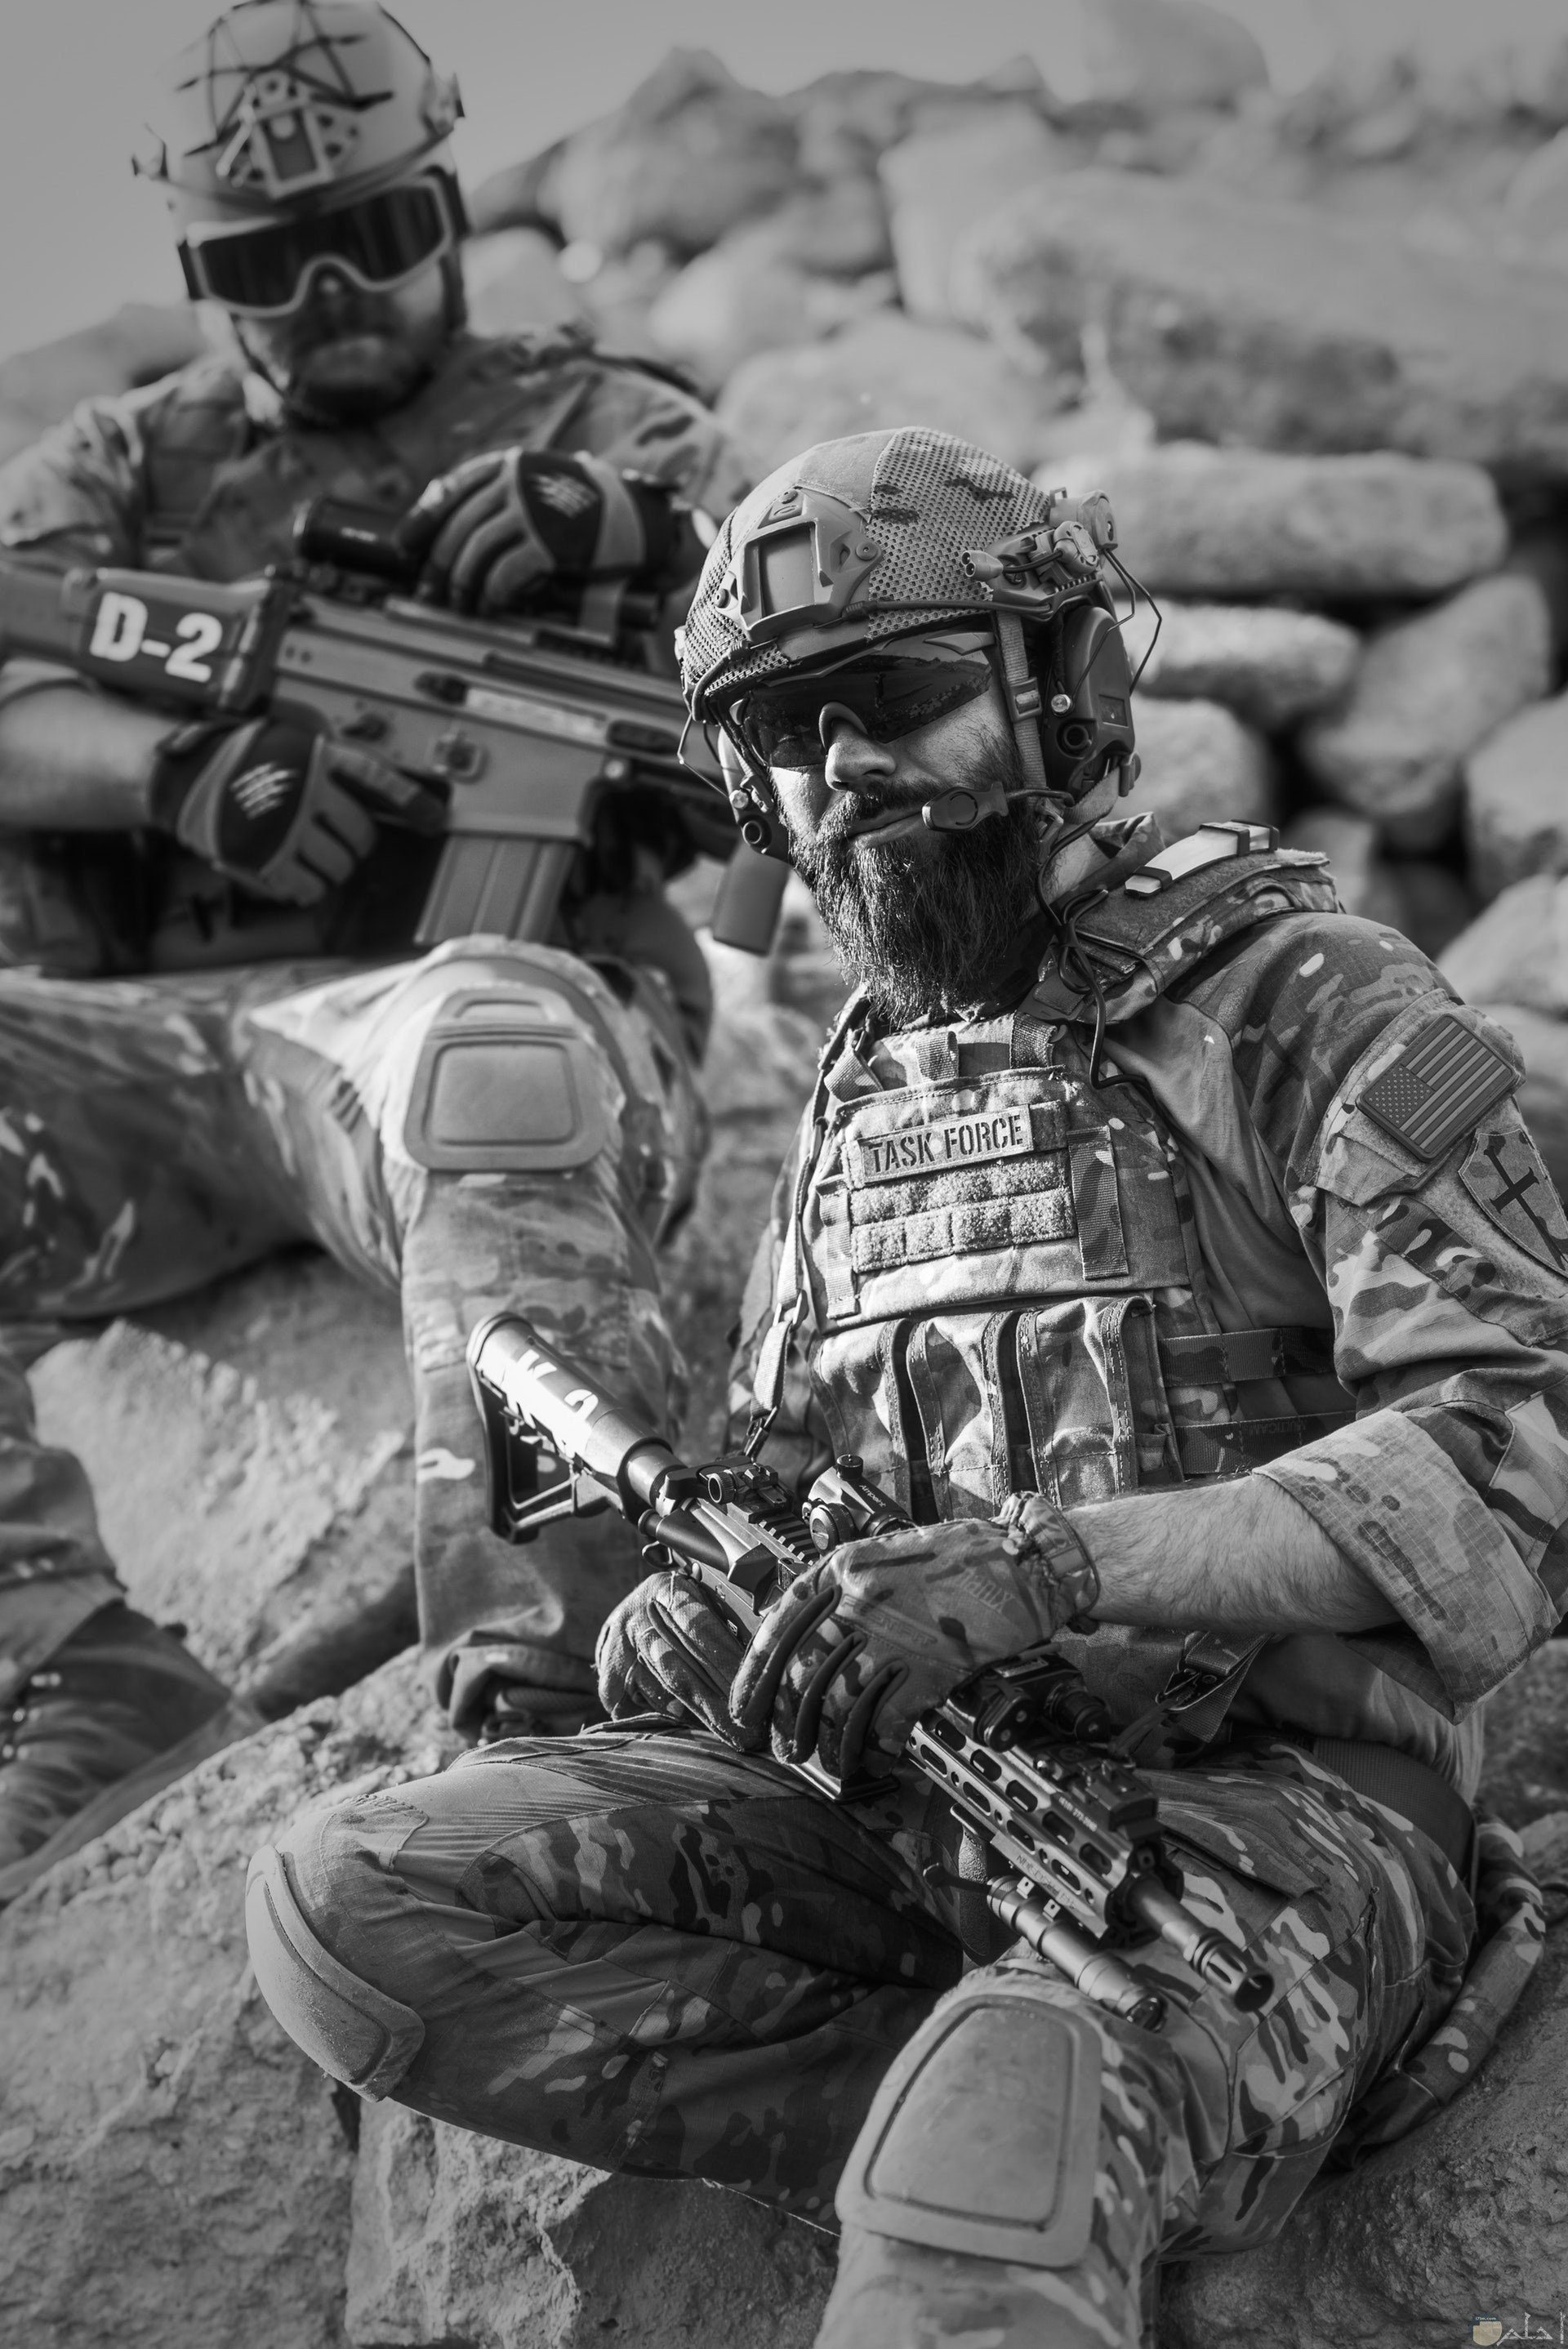 صورة أكشن مميزة بالأبيض والأسود لمجندين يحملان سلاح ويجلسان علي الصخر